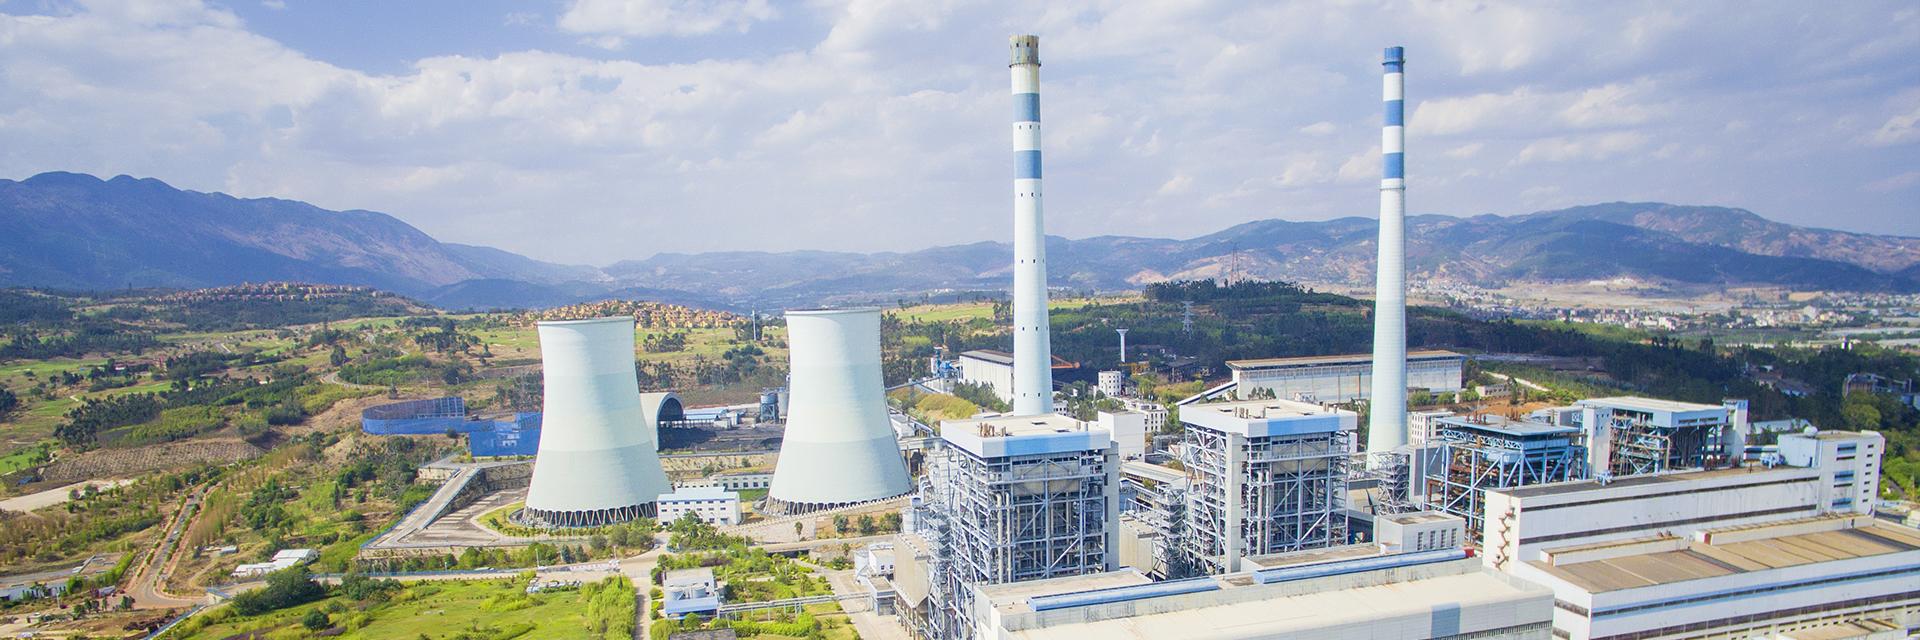 防城港电厂